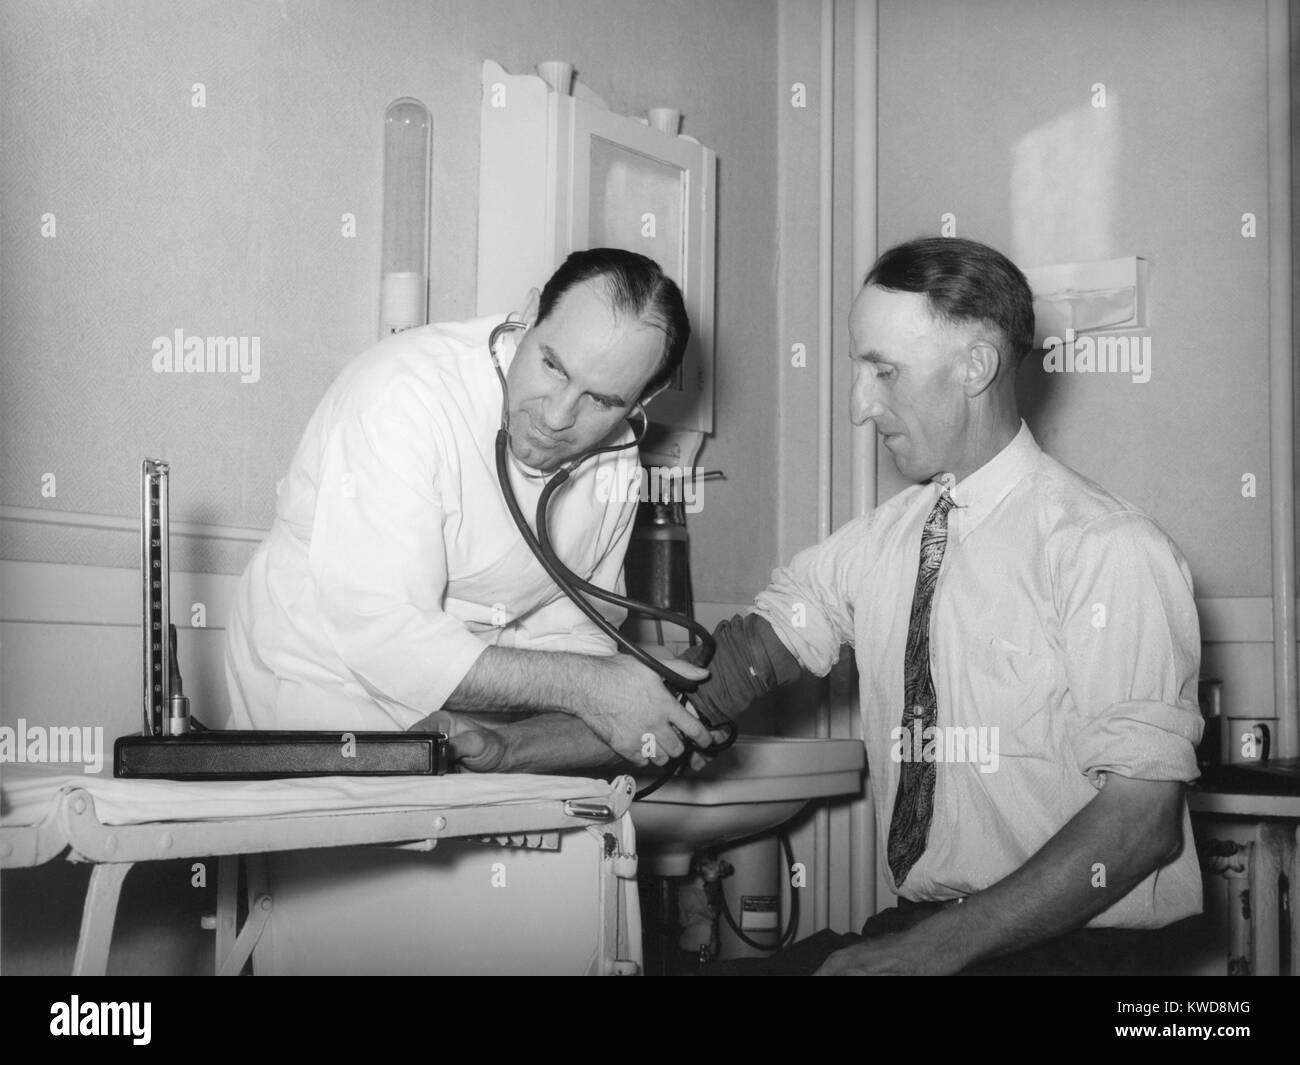 Doctor en una cooperativa médica tomar la presión sanguínea de un paciente en el condado de Box Elder, Utah, 1940. Foto de stock